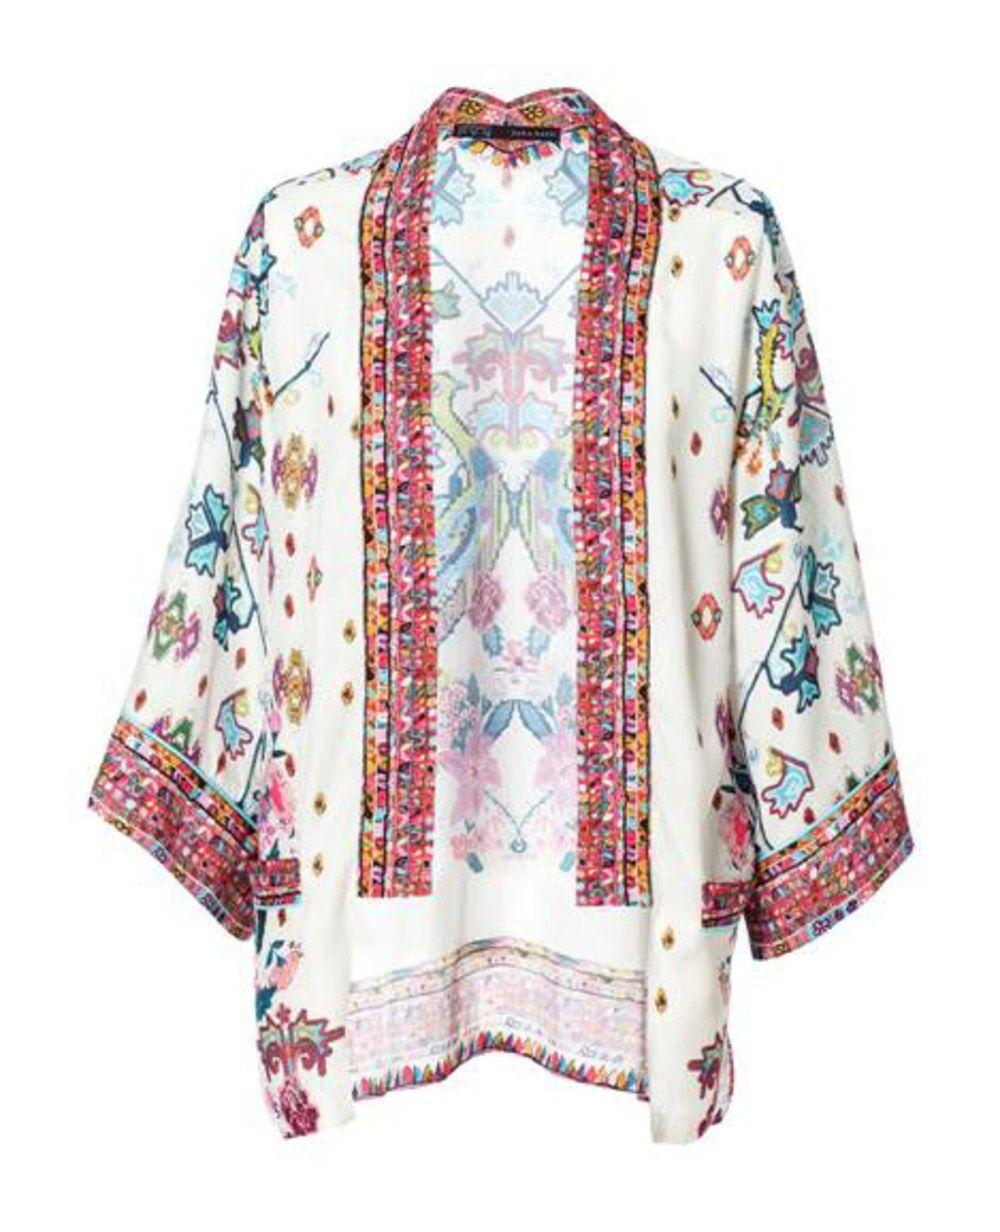 Kimono Zara, 59,95 \u20ac photo